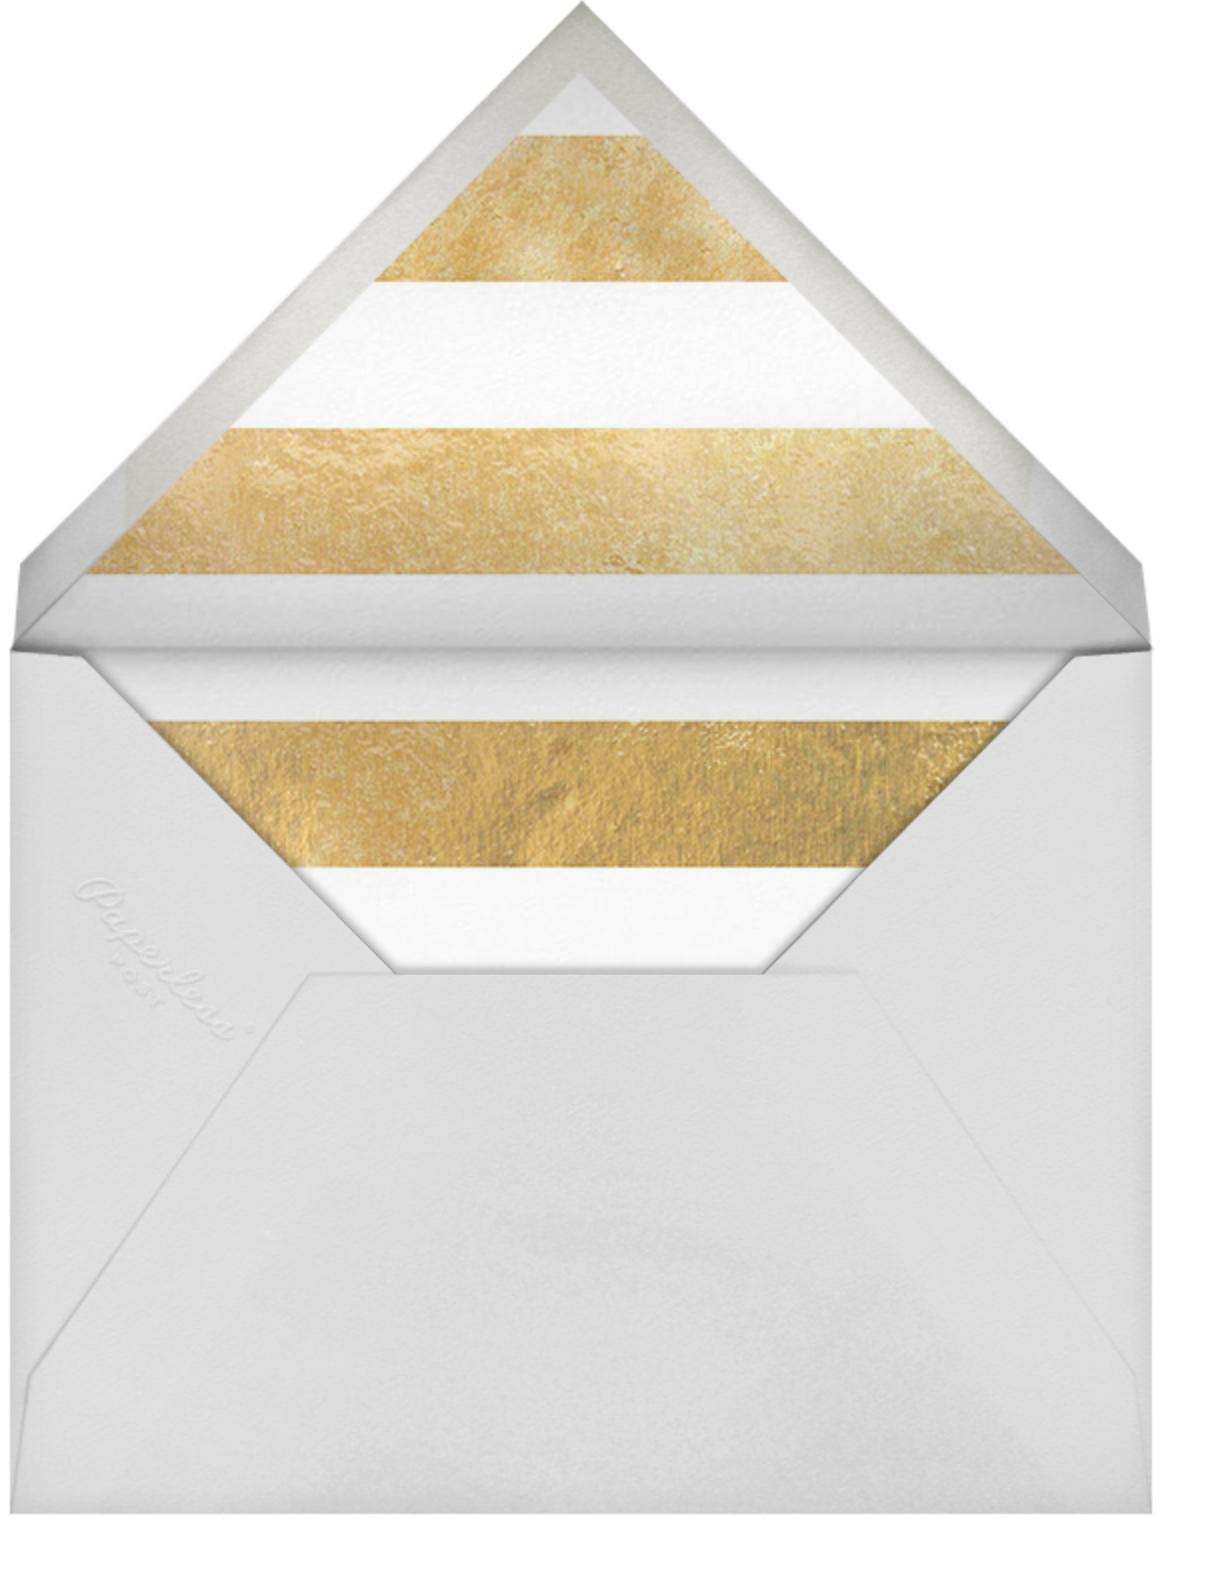 Big Dot Engagement - Gold - Sugar Paper - Engagement party - envelope back